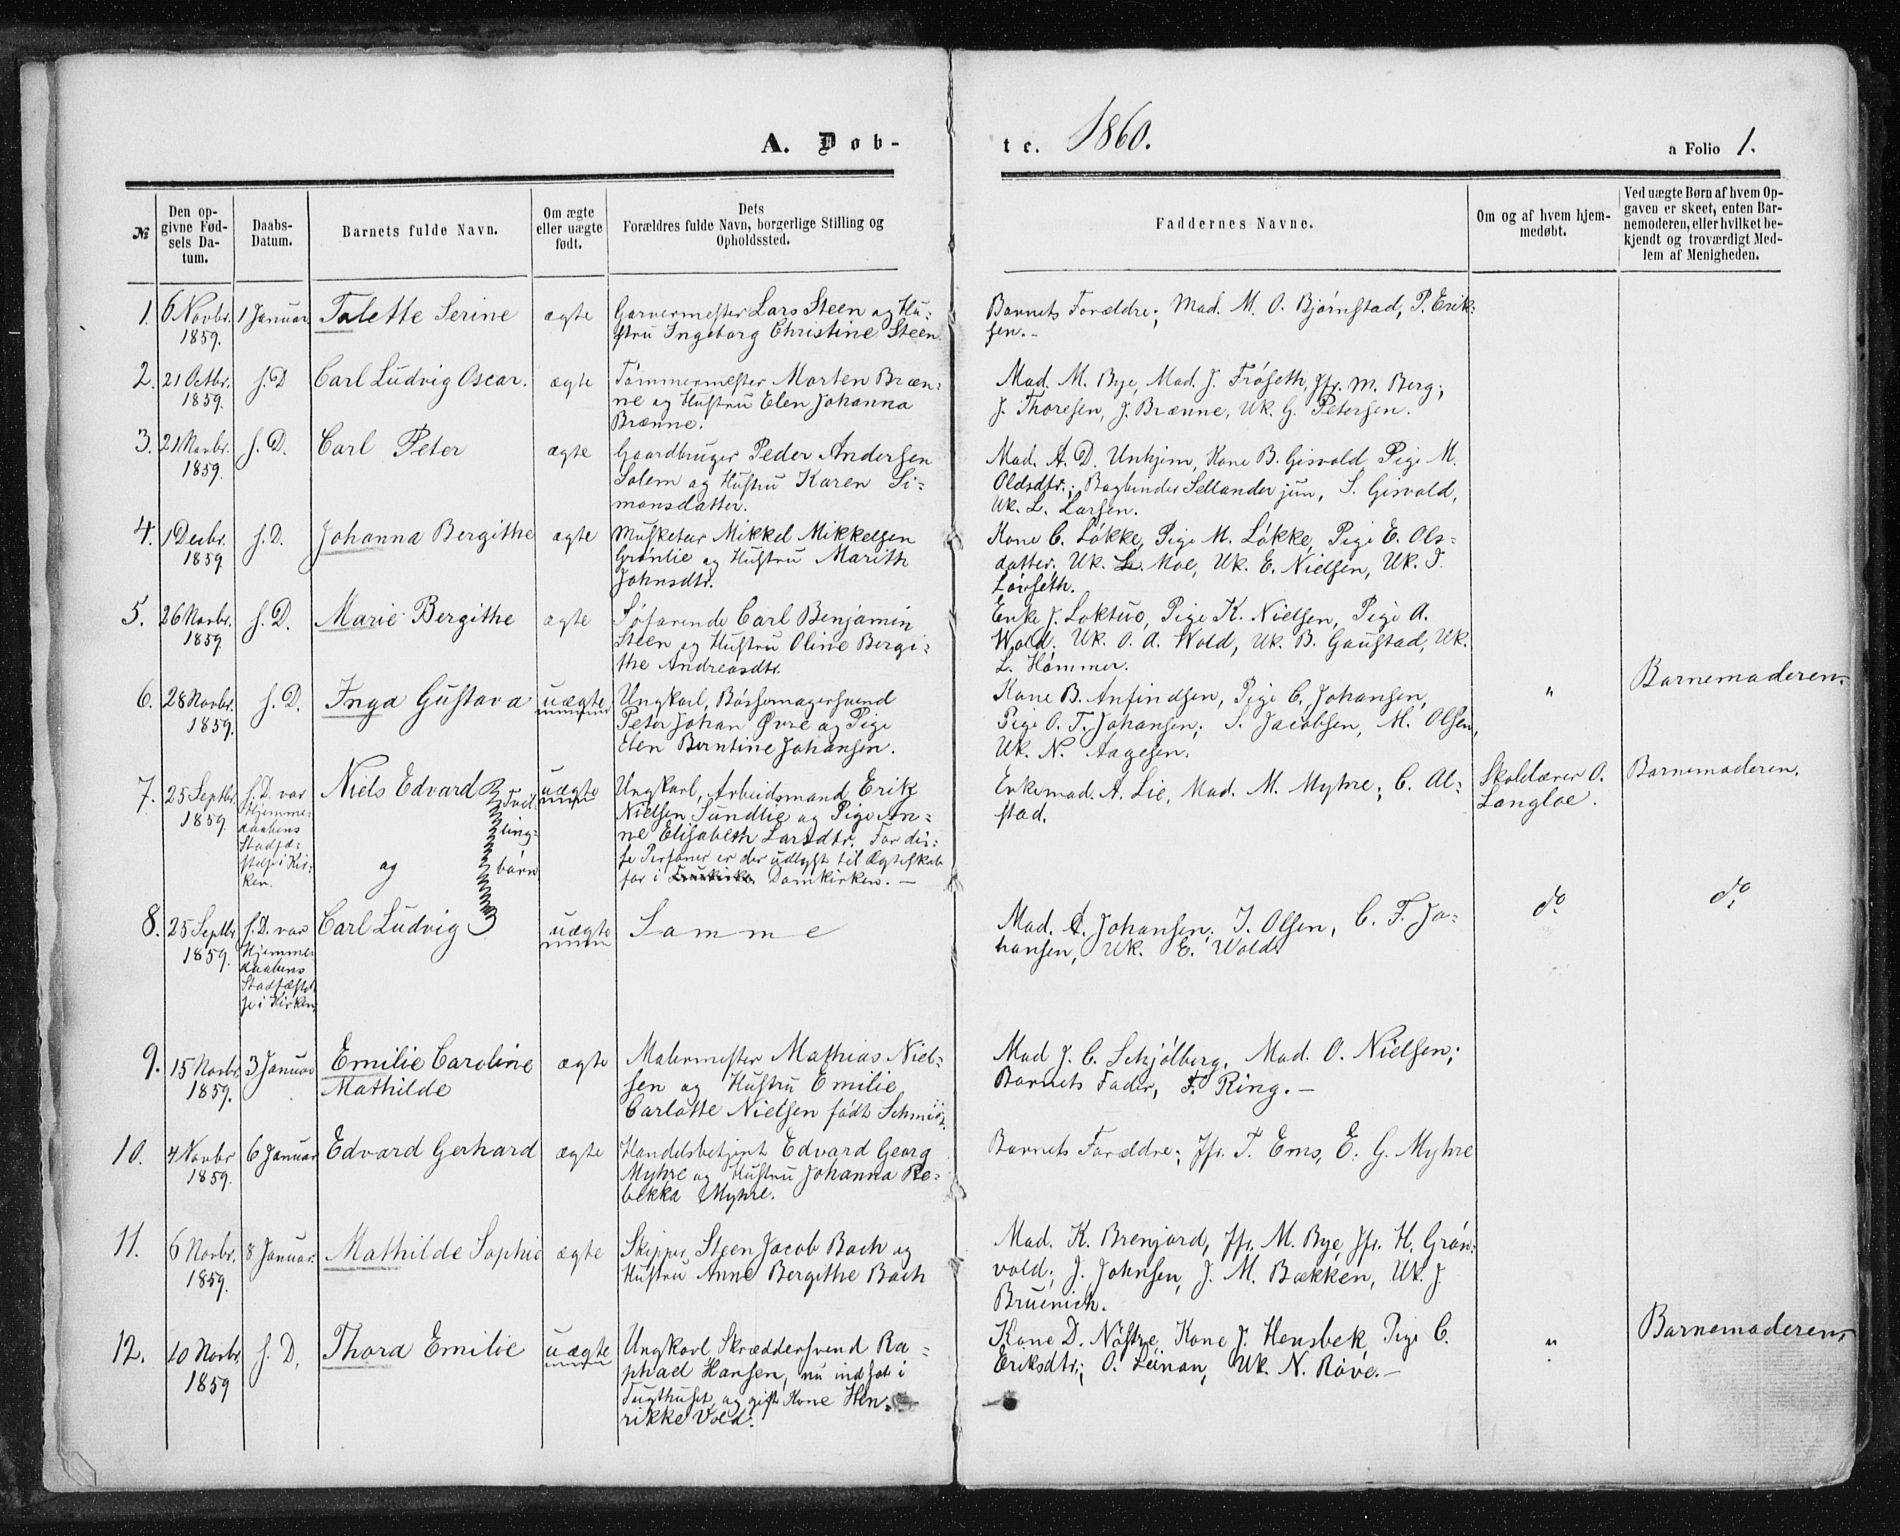 SAT, Ministerialprotokoller, klokkerbøker og fødselsregistre - Sør-Trøndelag, 602/L0115: Ministerialbok nr. 602A13, 1860-1872, s. 1